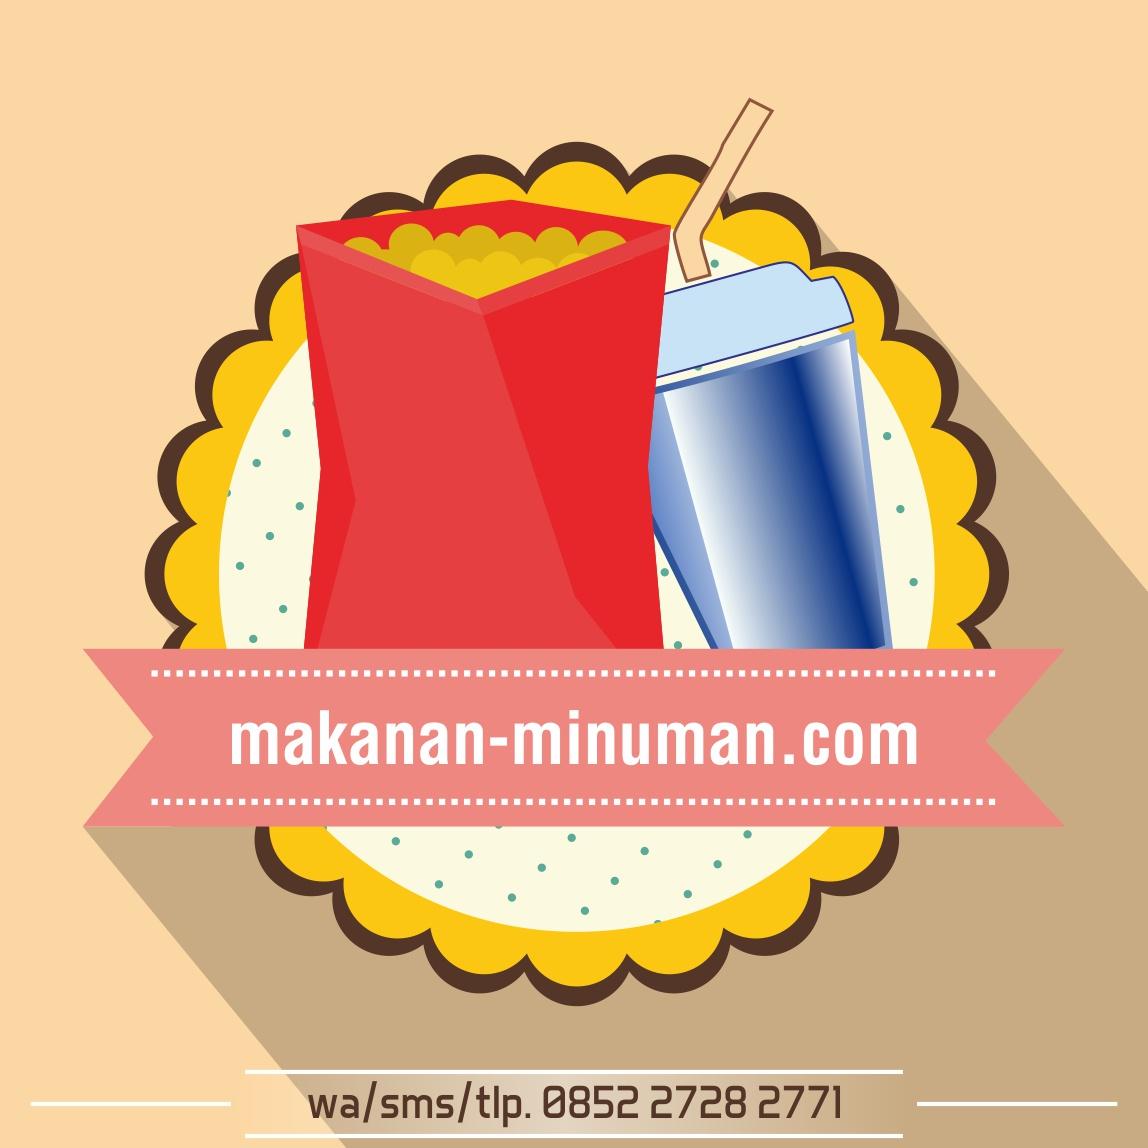 makanan-minuman.com